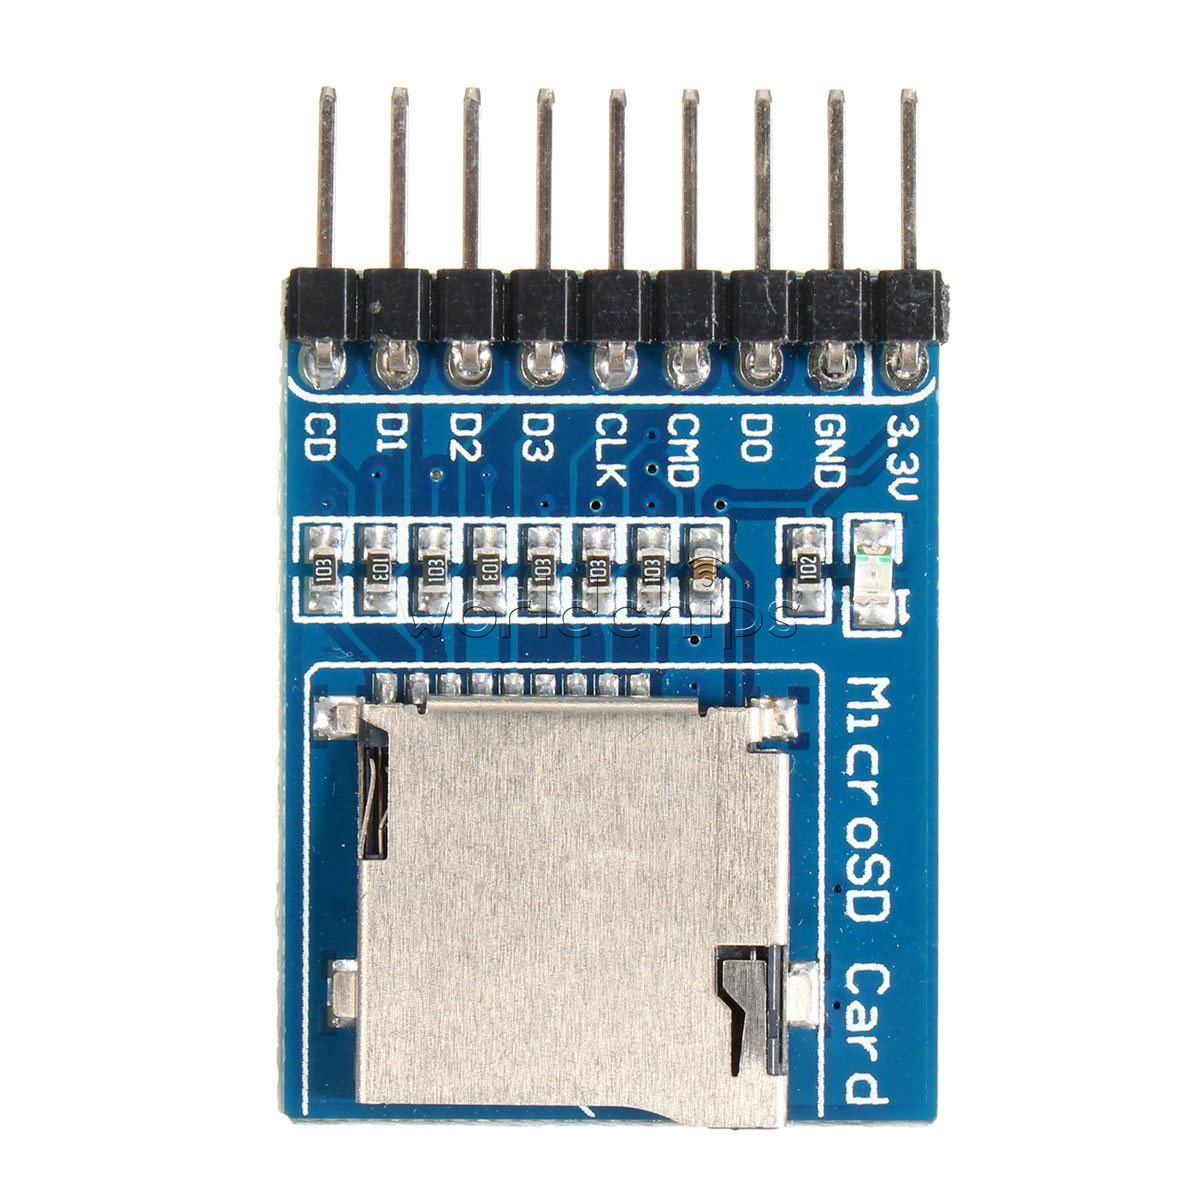 Jednotky určují: Velikost souborů, frekvenci (například obnovovací frekvenci u monitorů), rozlišení v pixelech, elektrický proud, napětí, impedance, výkon.